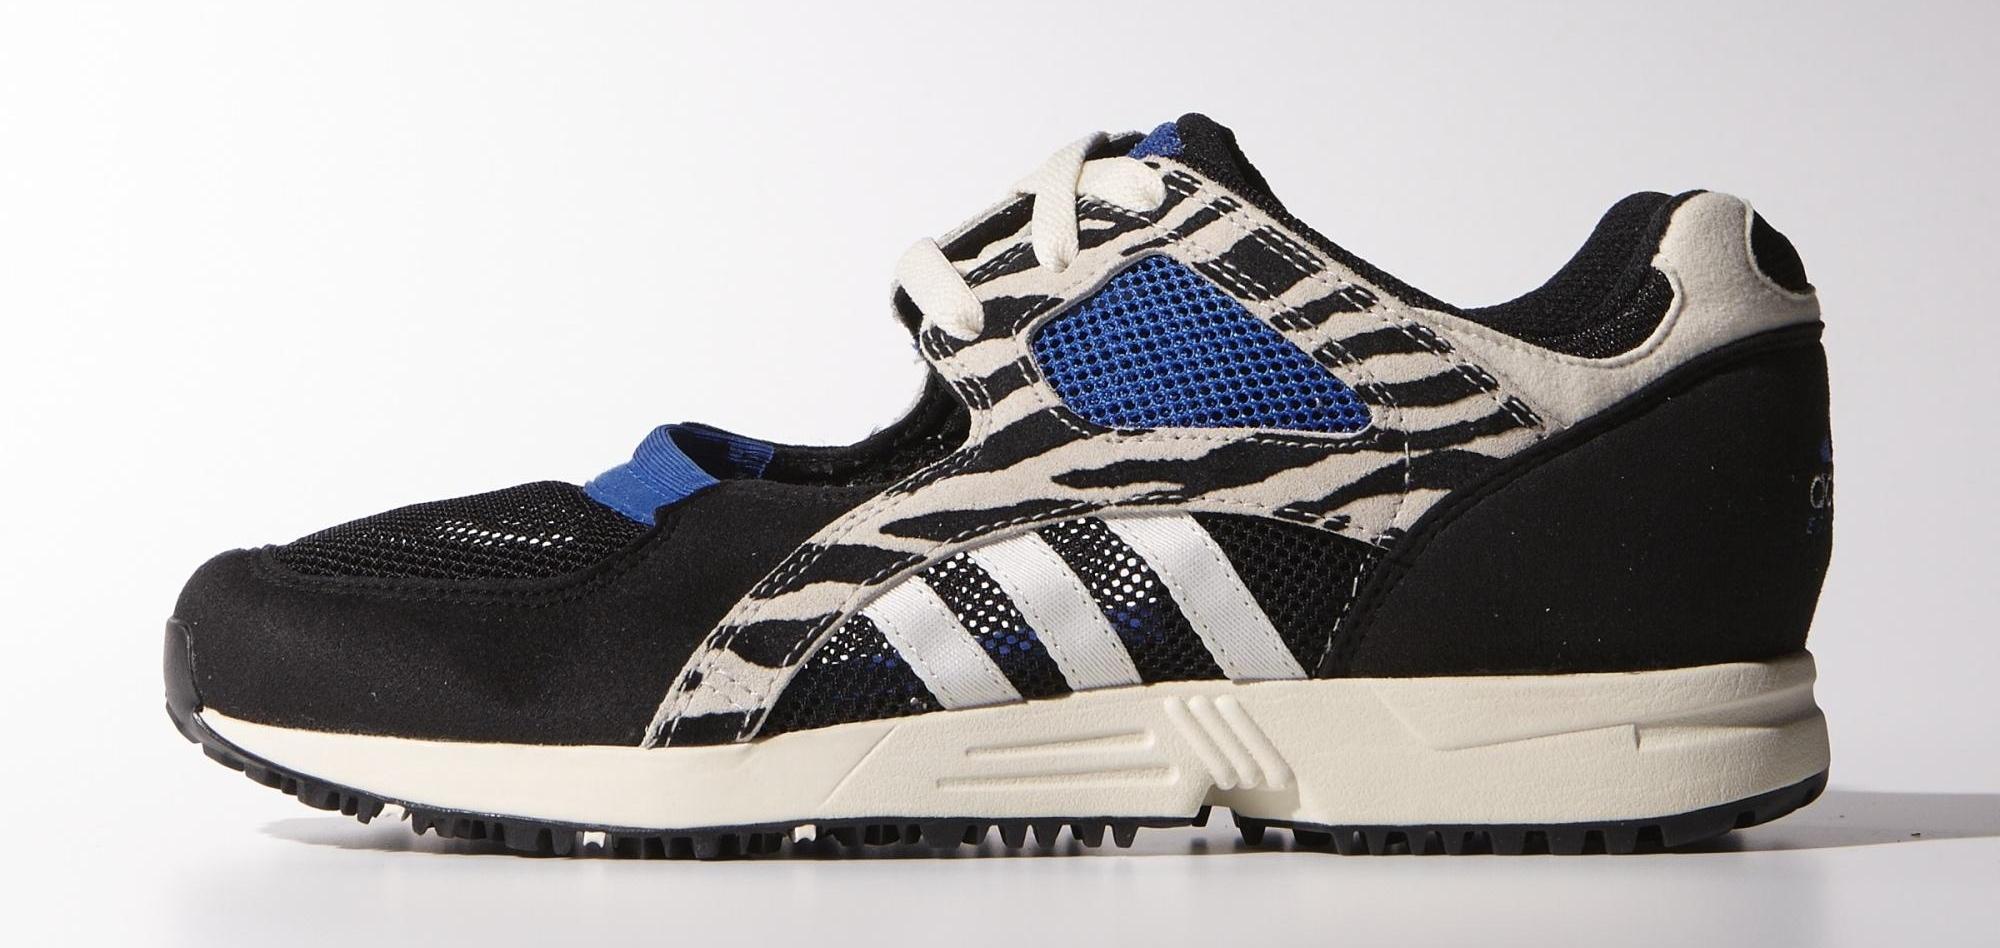 Adidas Originals EQT Racing Zebras